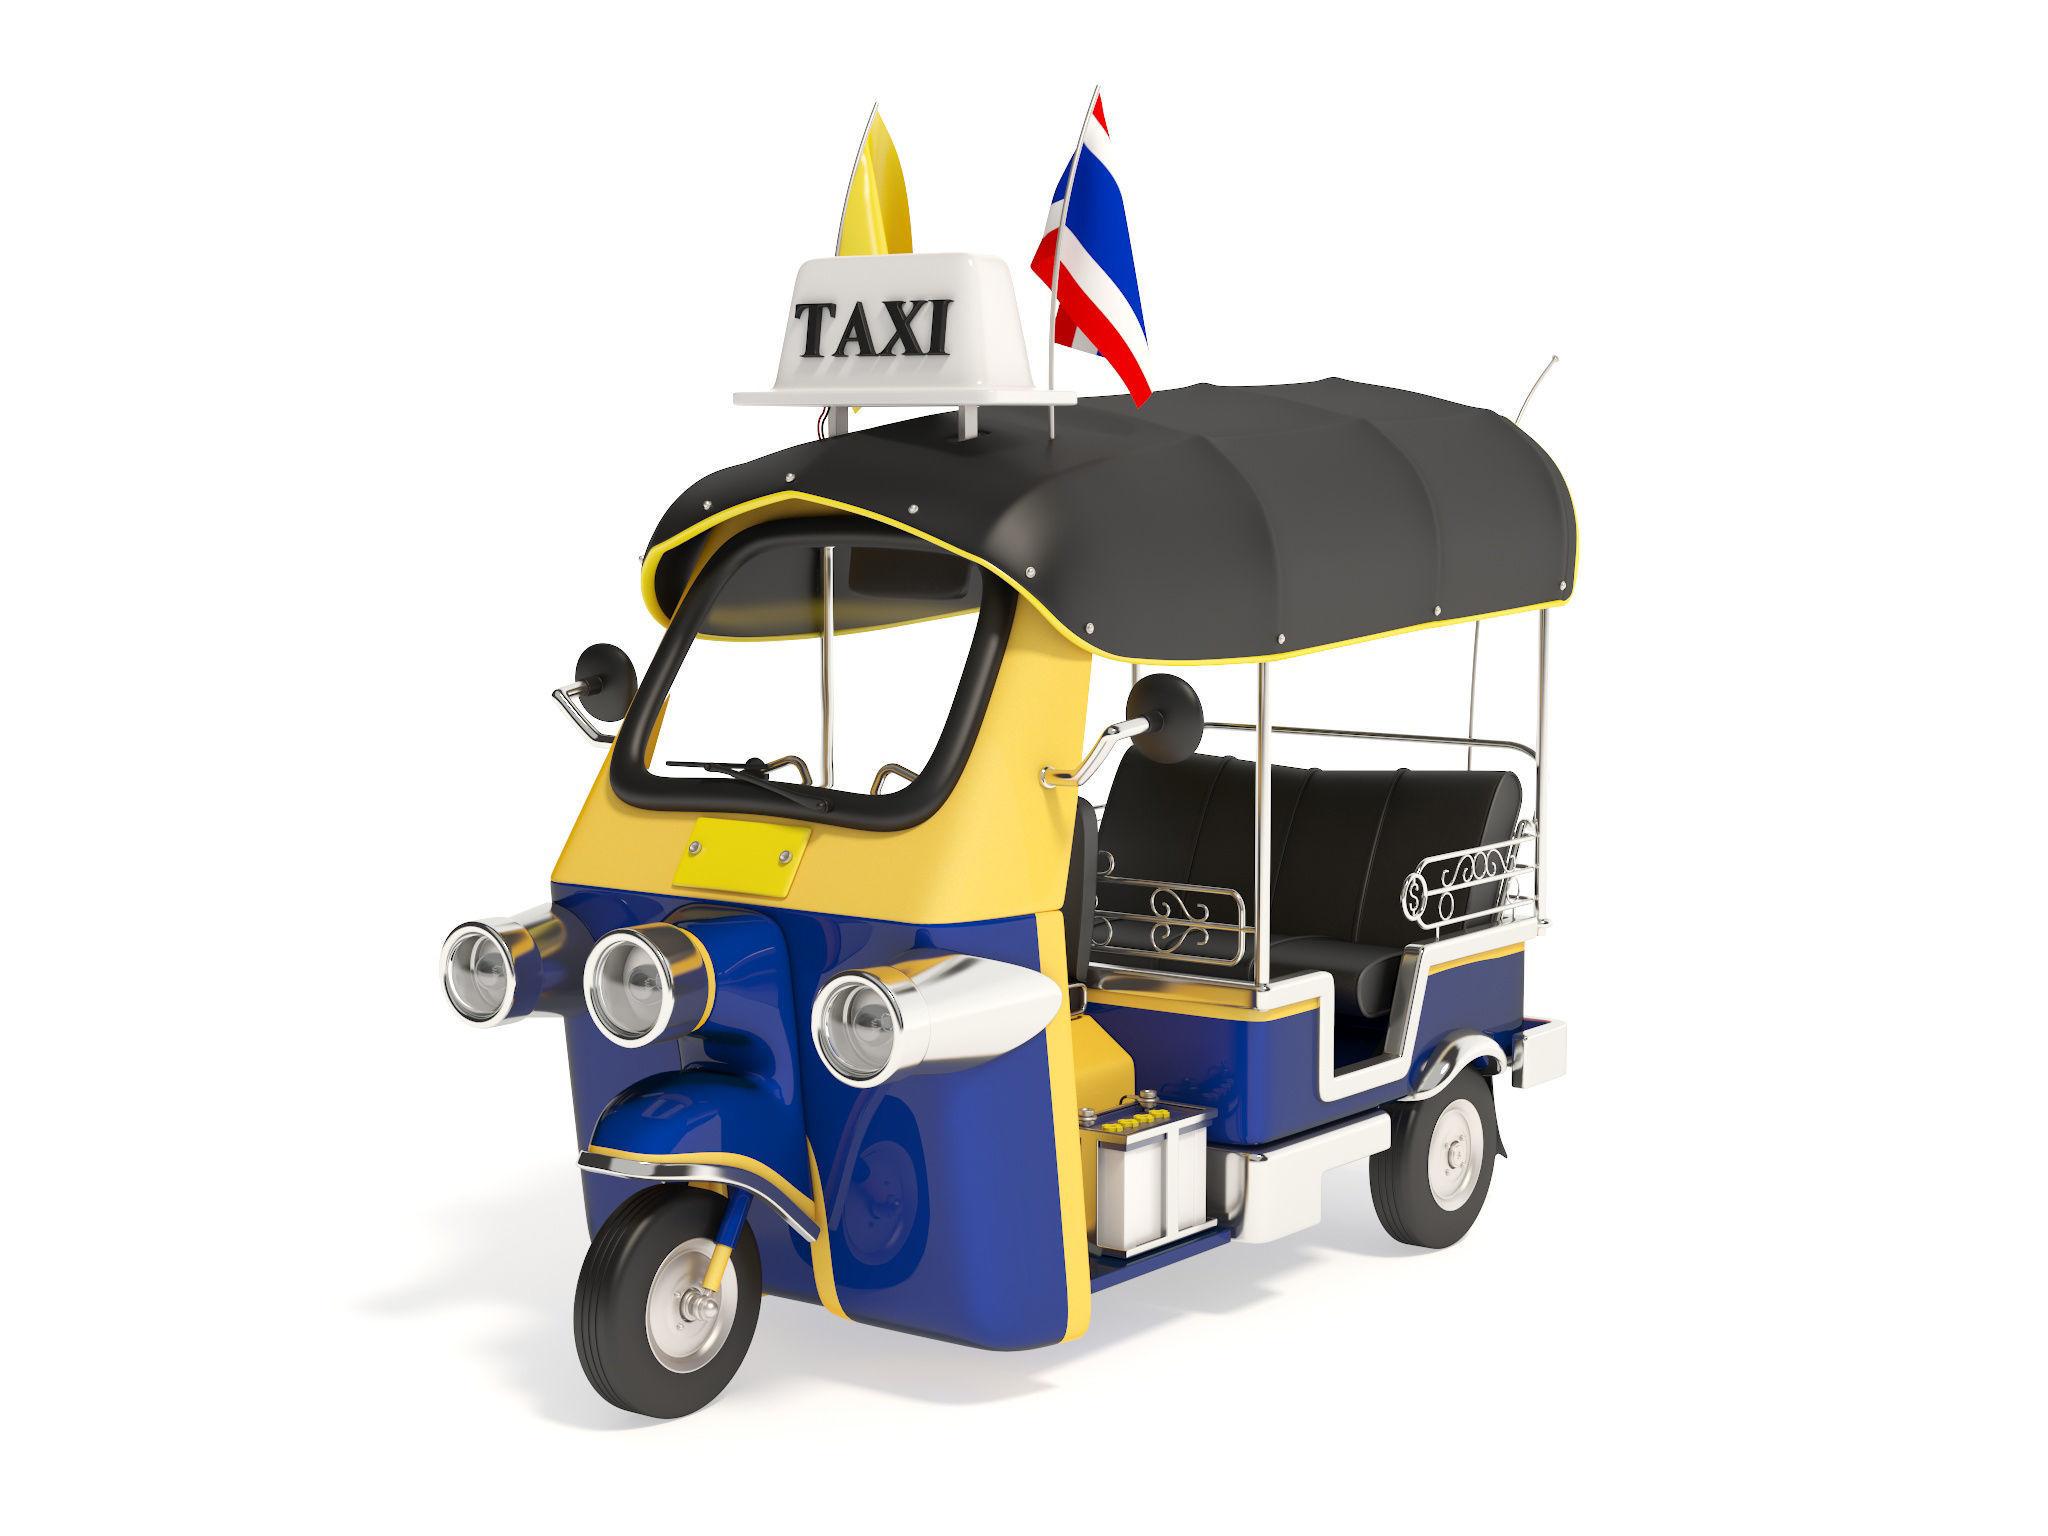 Tuk-Tuk Motor-tricycle in Thailand